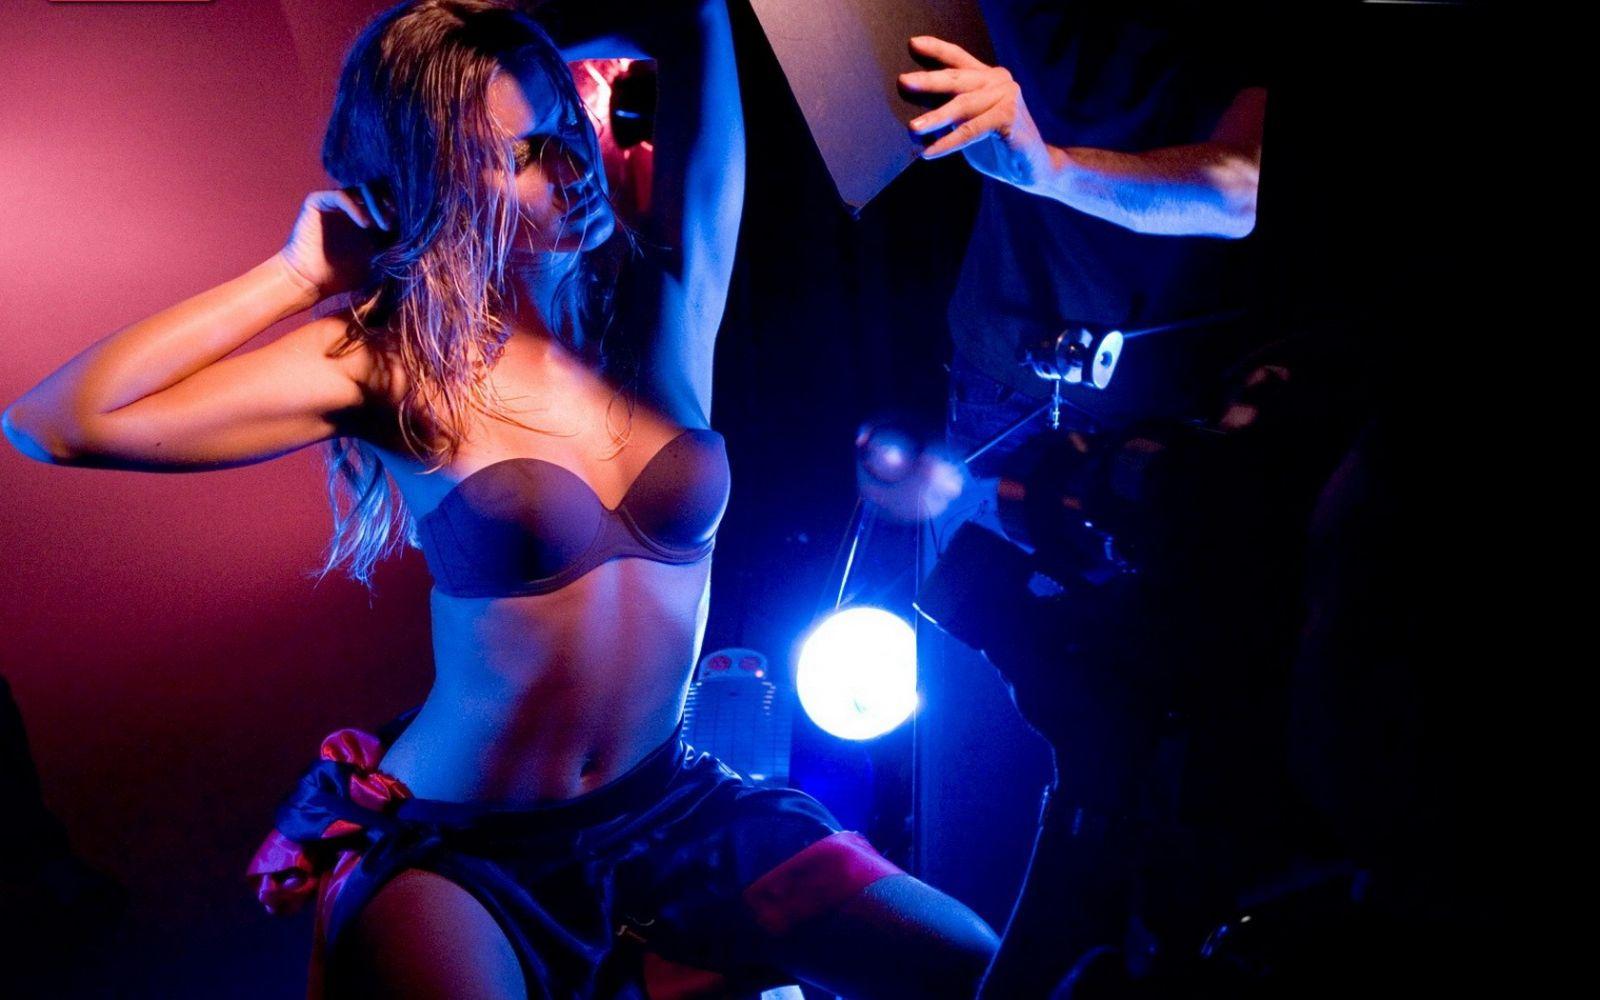 Большие жопы в клубе танцуют 14